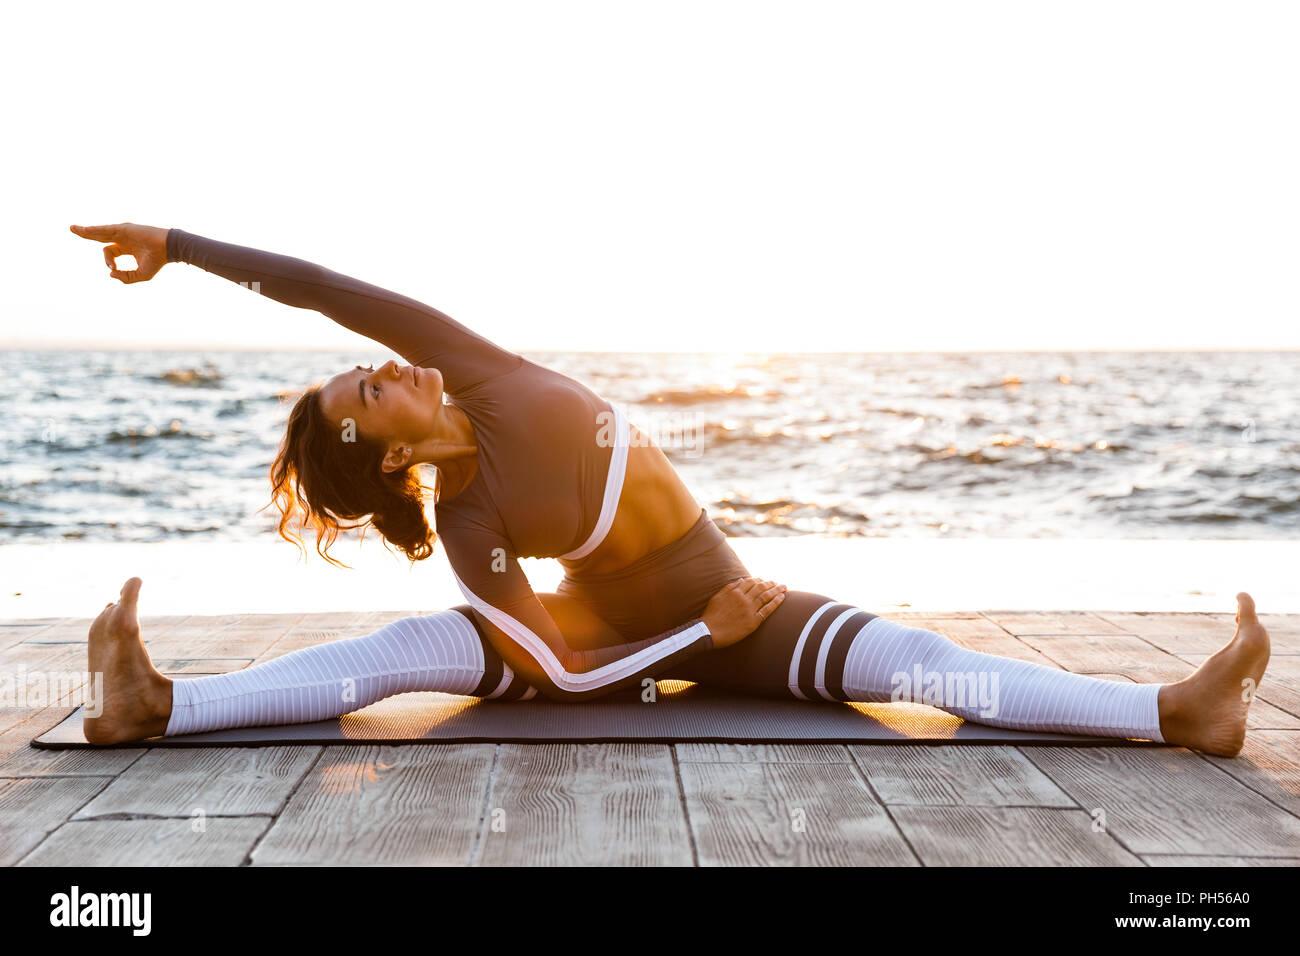 Foto di young lady fitness all'aperto in spiaggia fare yoga esercizi di stretching. Foto Stock